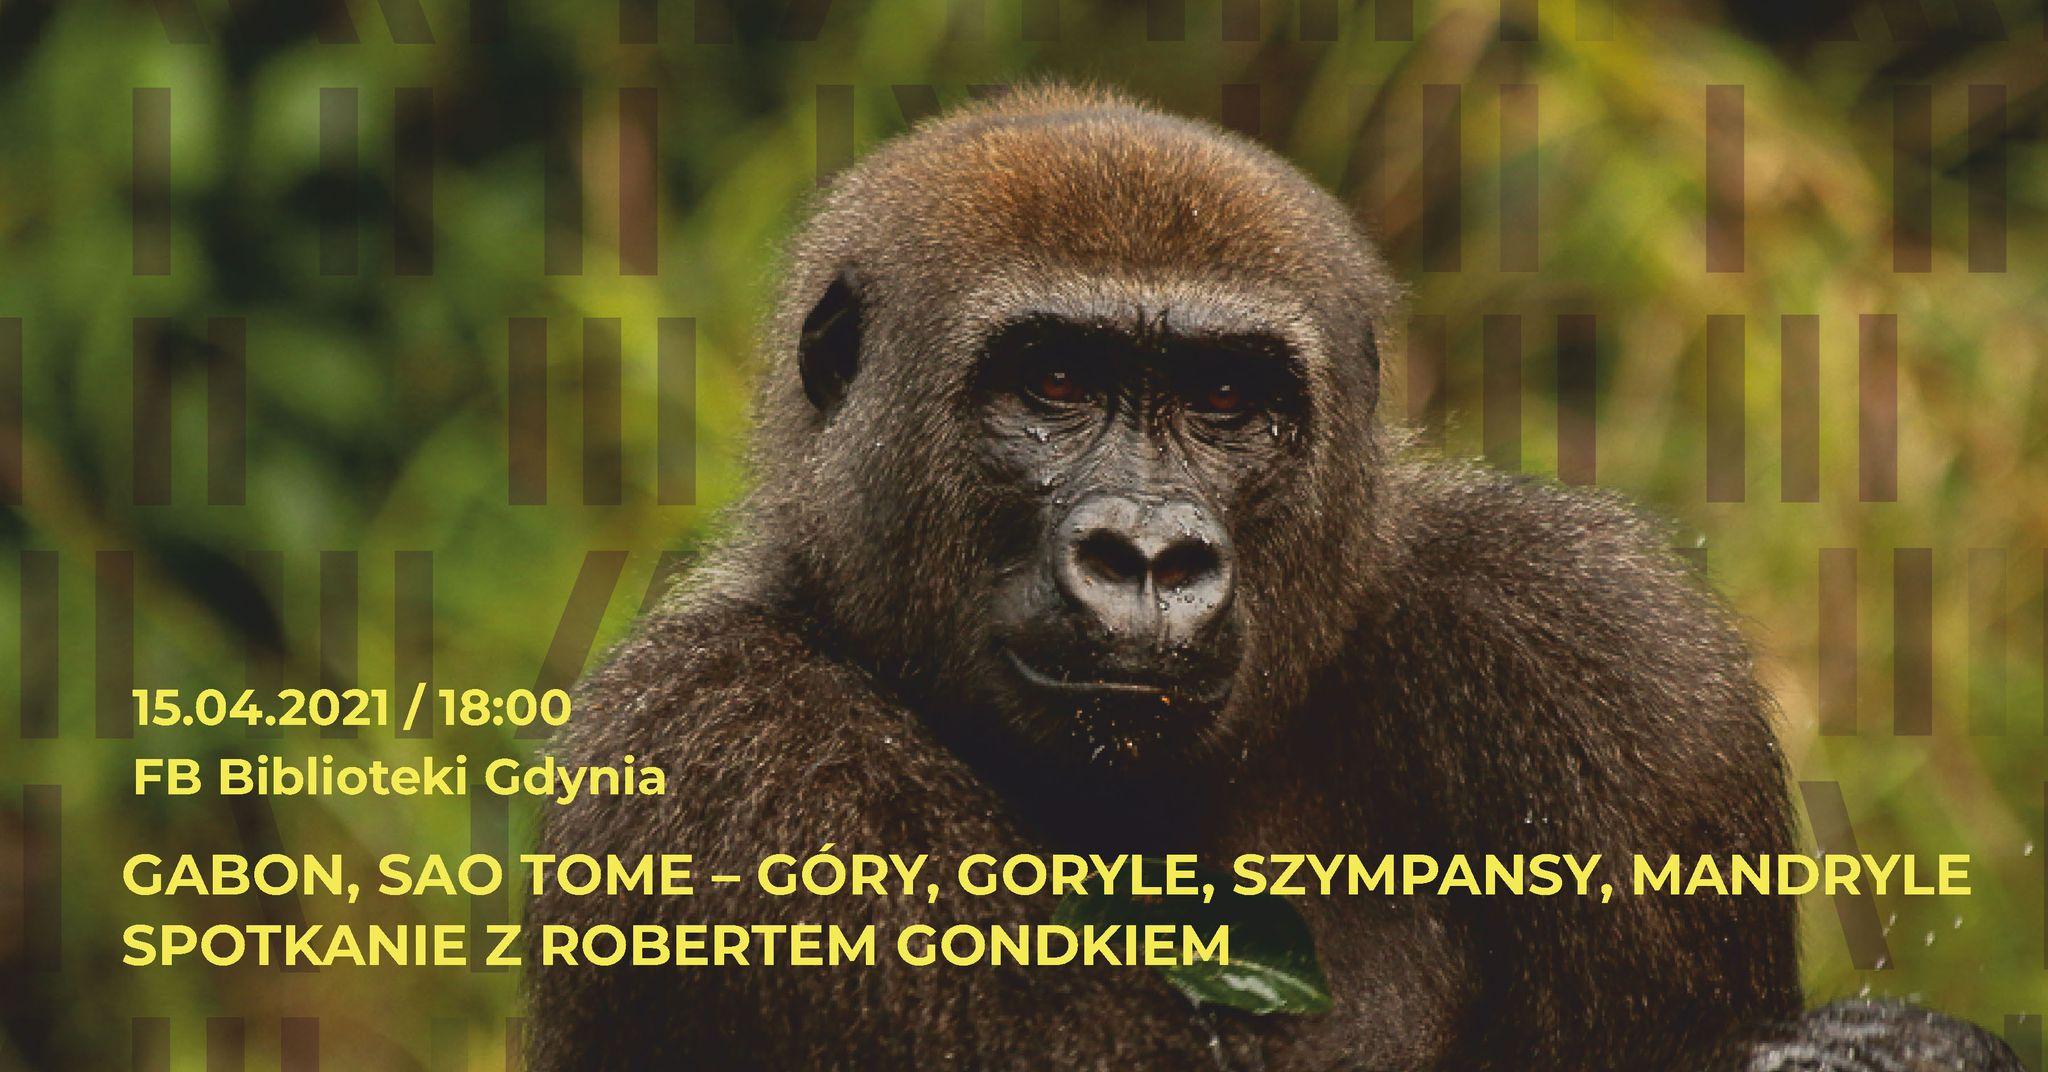 Afryka z Robertem Gondkiem, źródło: Biblioteka Gdynia